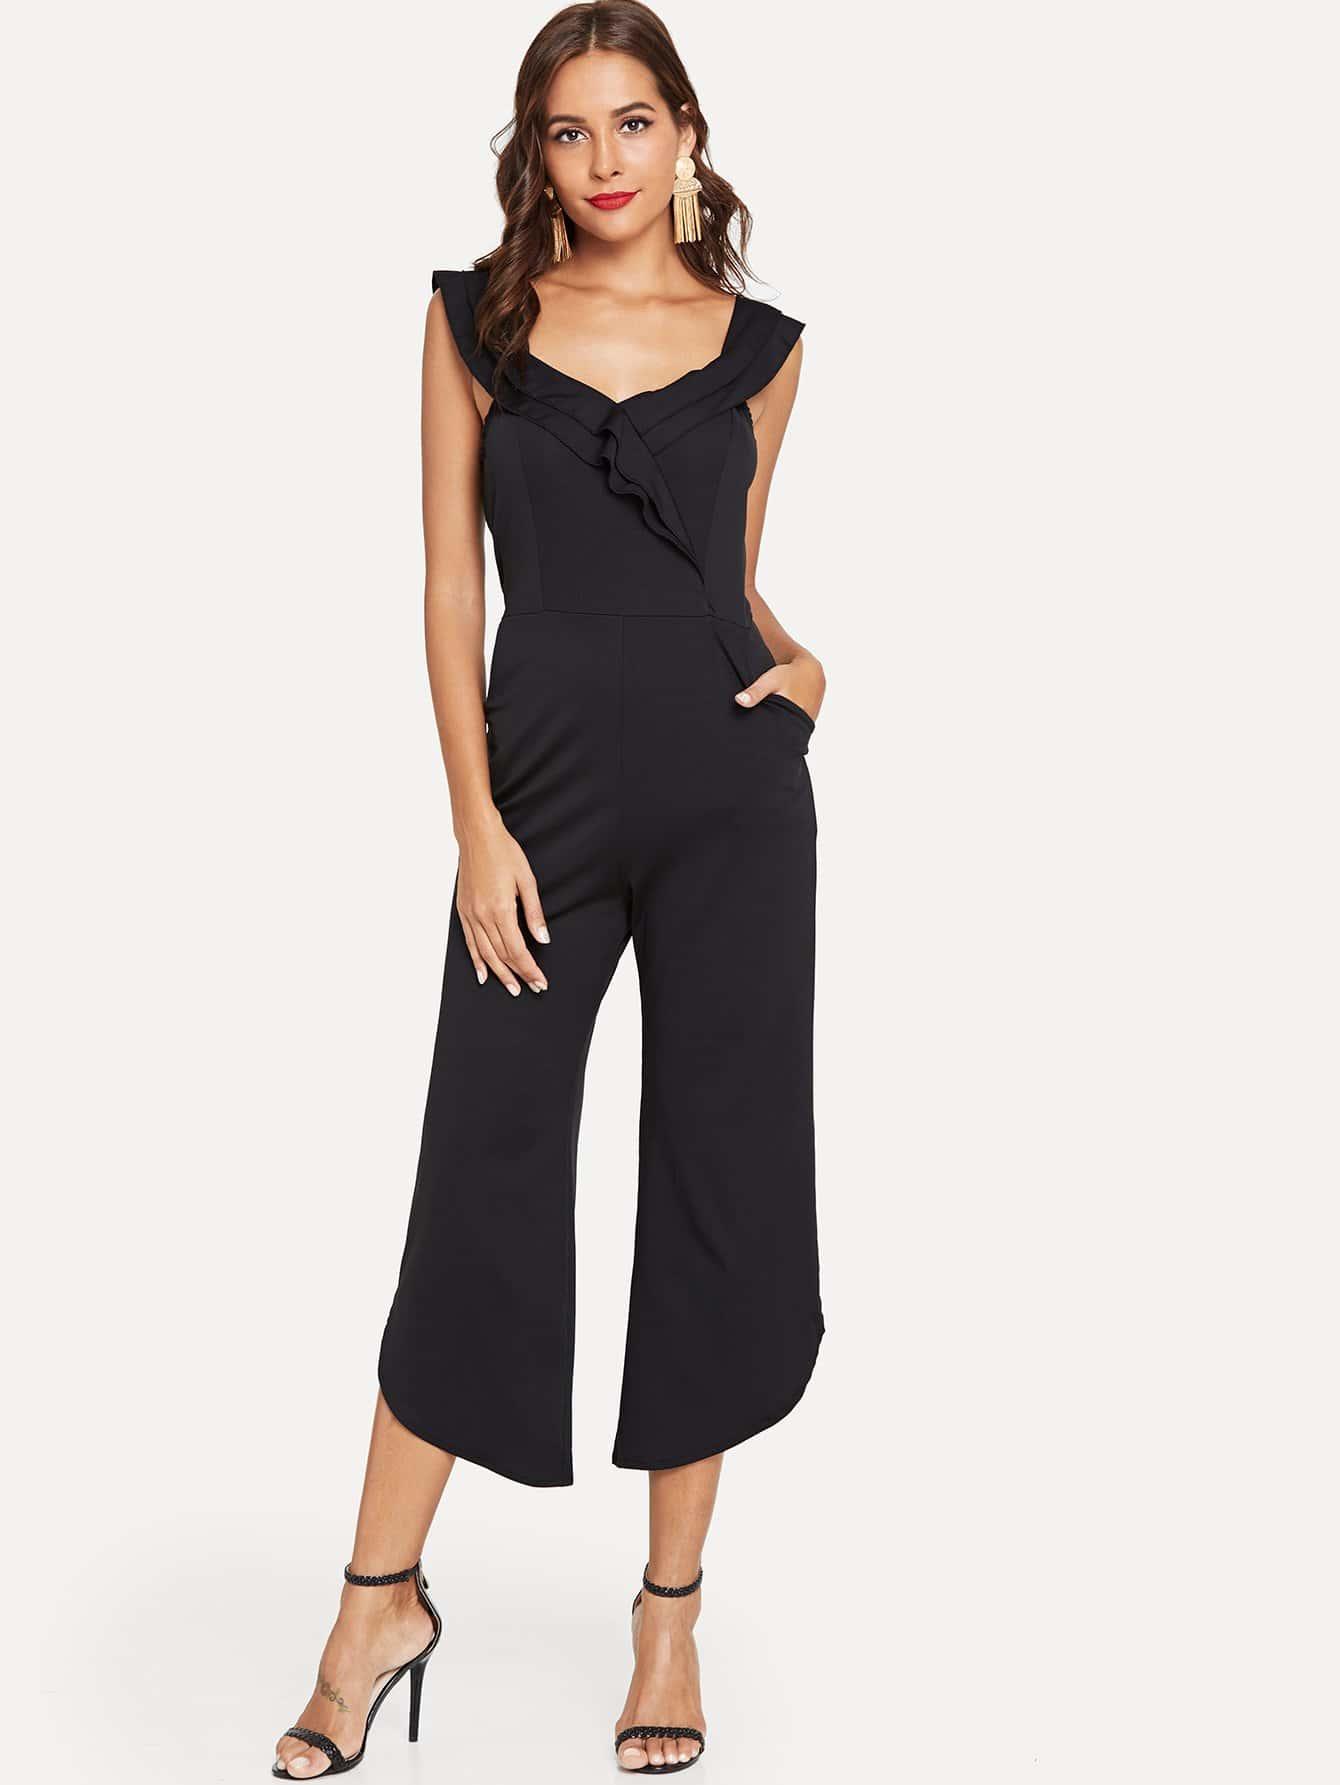 Купить Элегантный Одноцветный с карманами Платье Черный Комбинезон, Giulia, SheIn